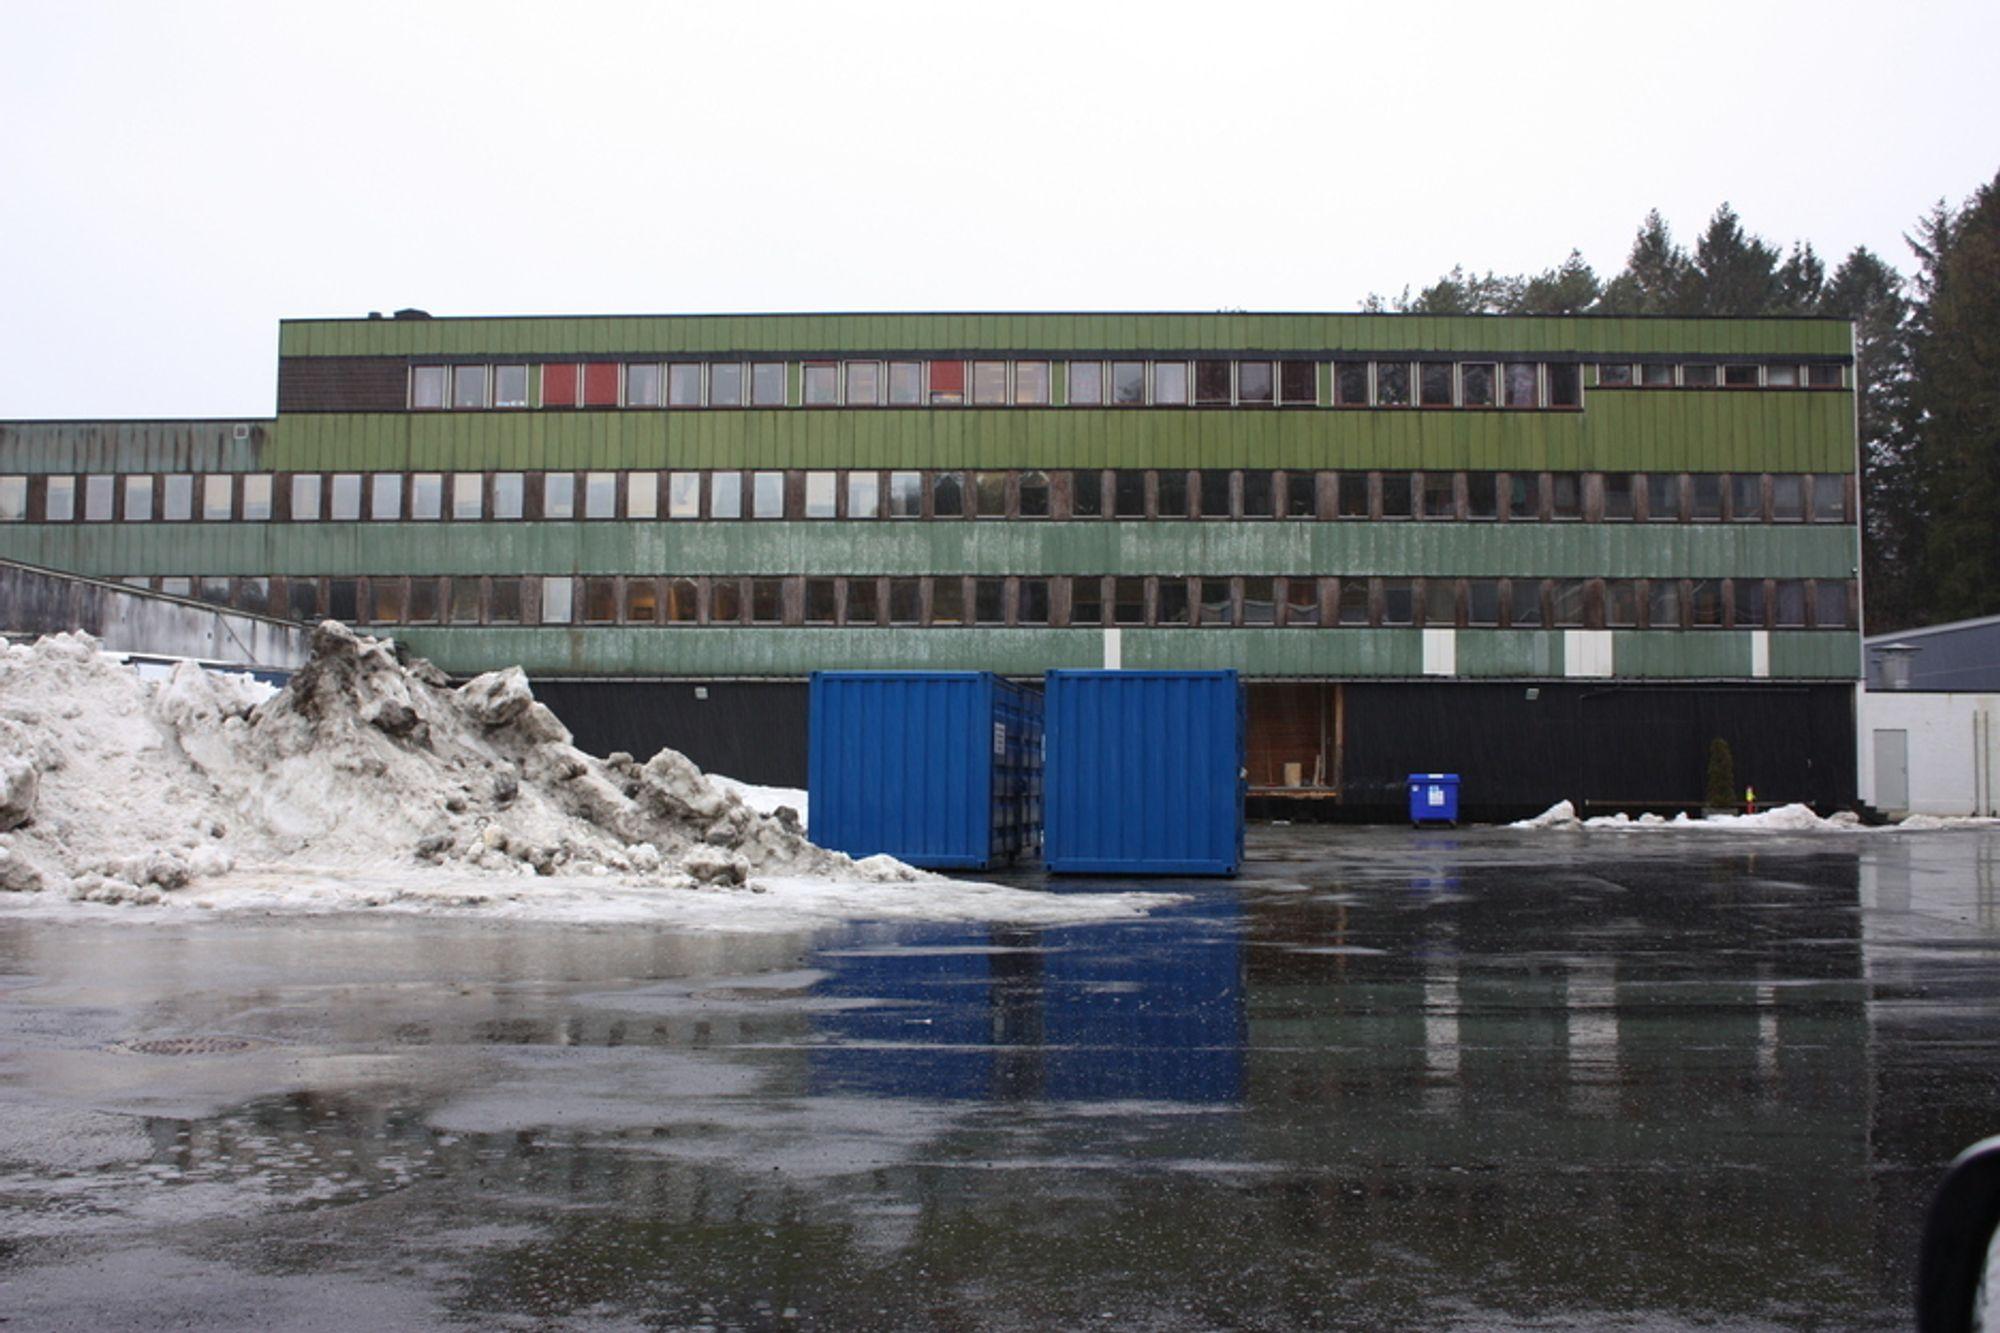 SNART NYTT: Det gamle kontorbygget på Haakonsvern skal erstattes med et nytt som Forsvarsbygg vil utvikle til et nullenergibygg.